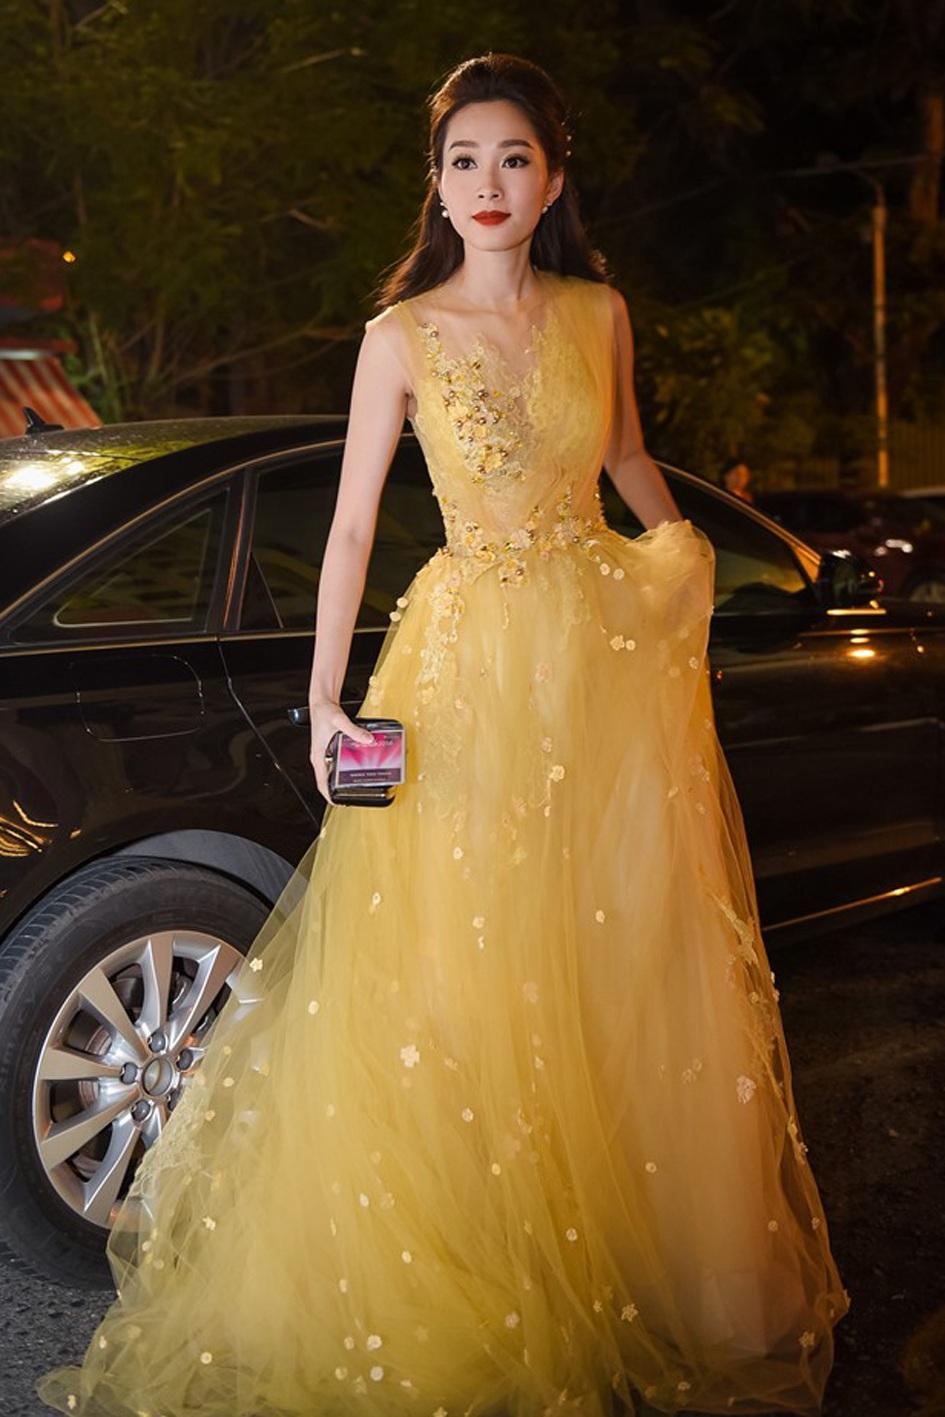 Ngay khi bước xuống xe, hoa hậu cũng đã gây chú ý với trang phục dạ hội màu sắc nổi bật